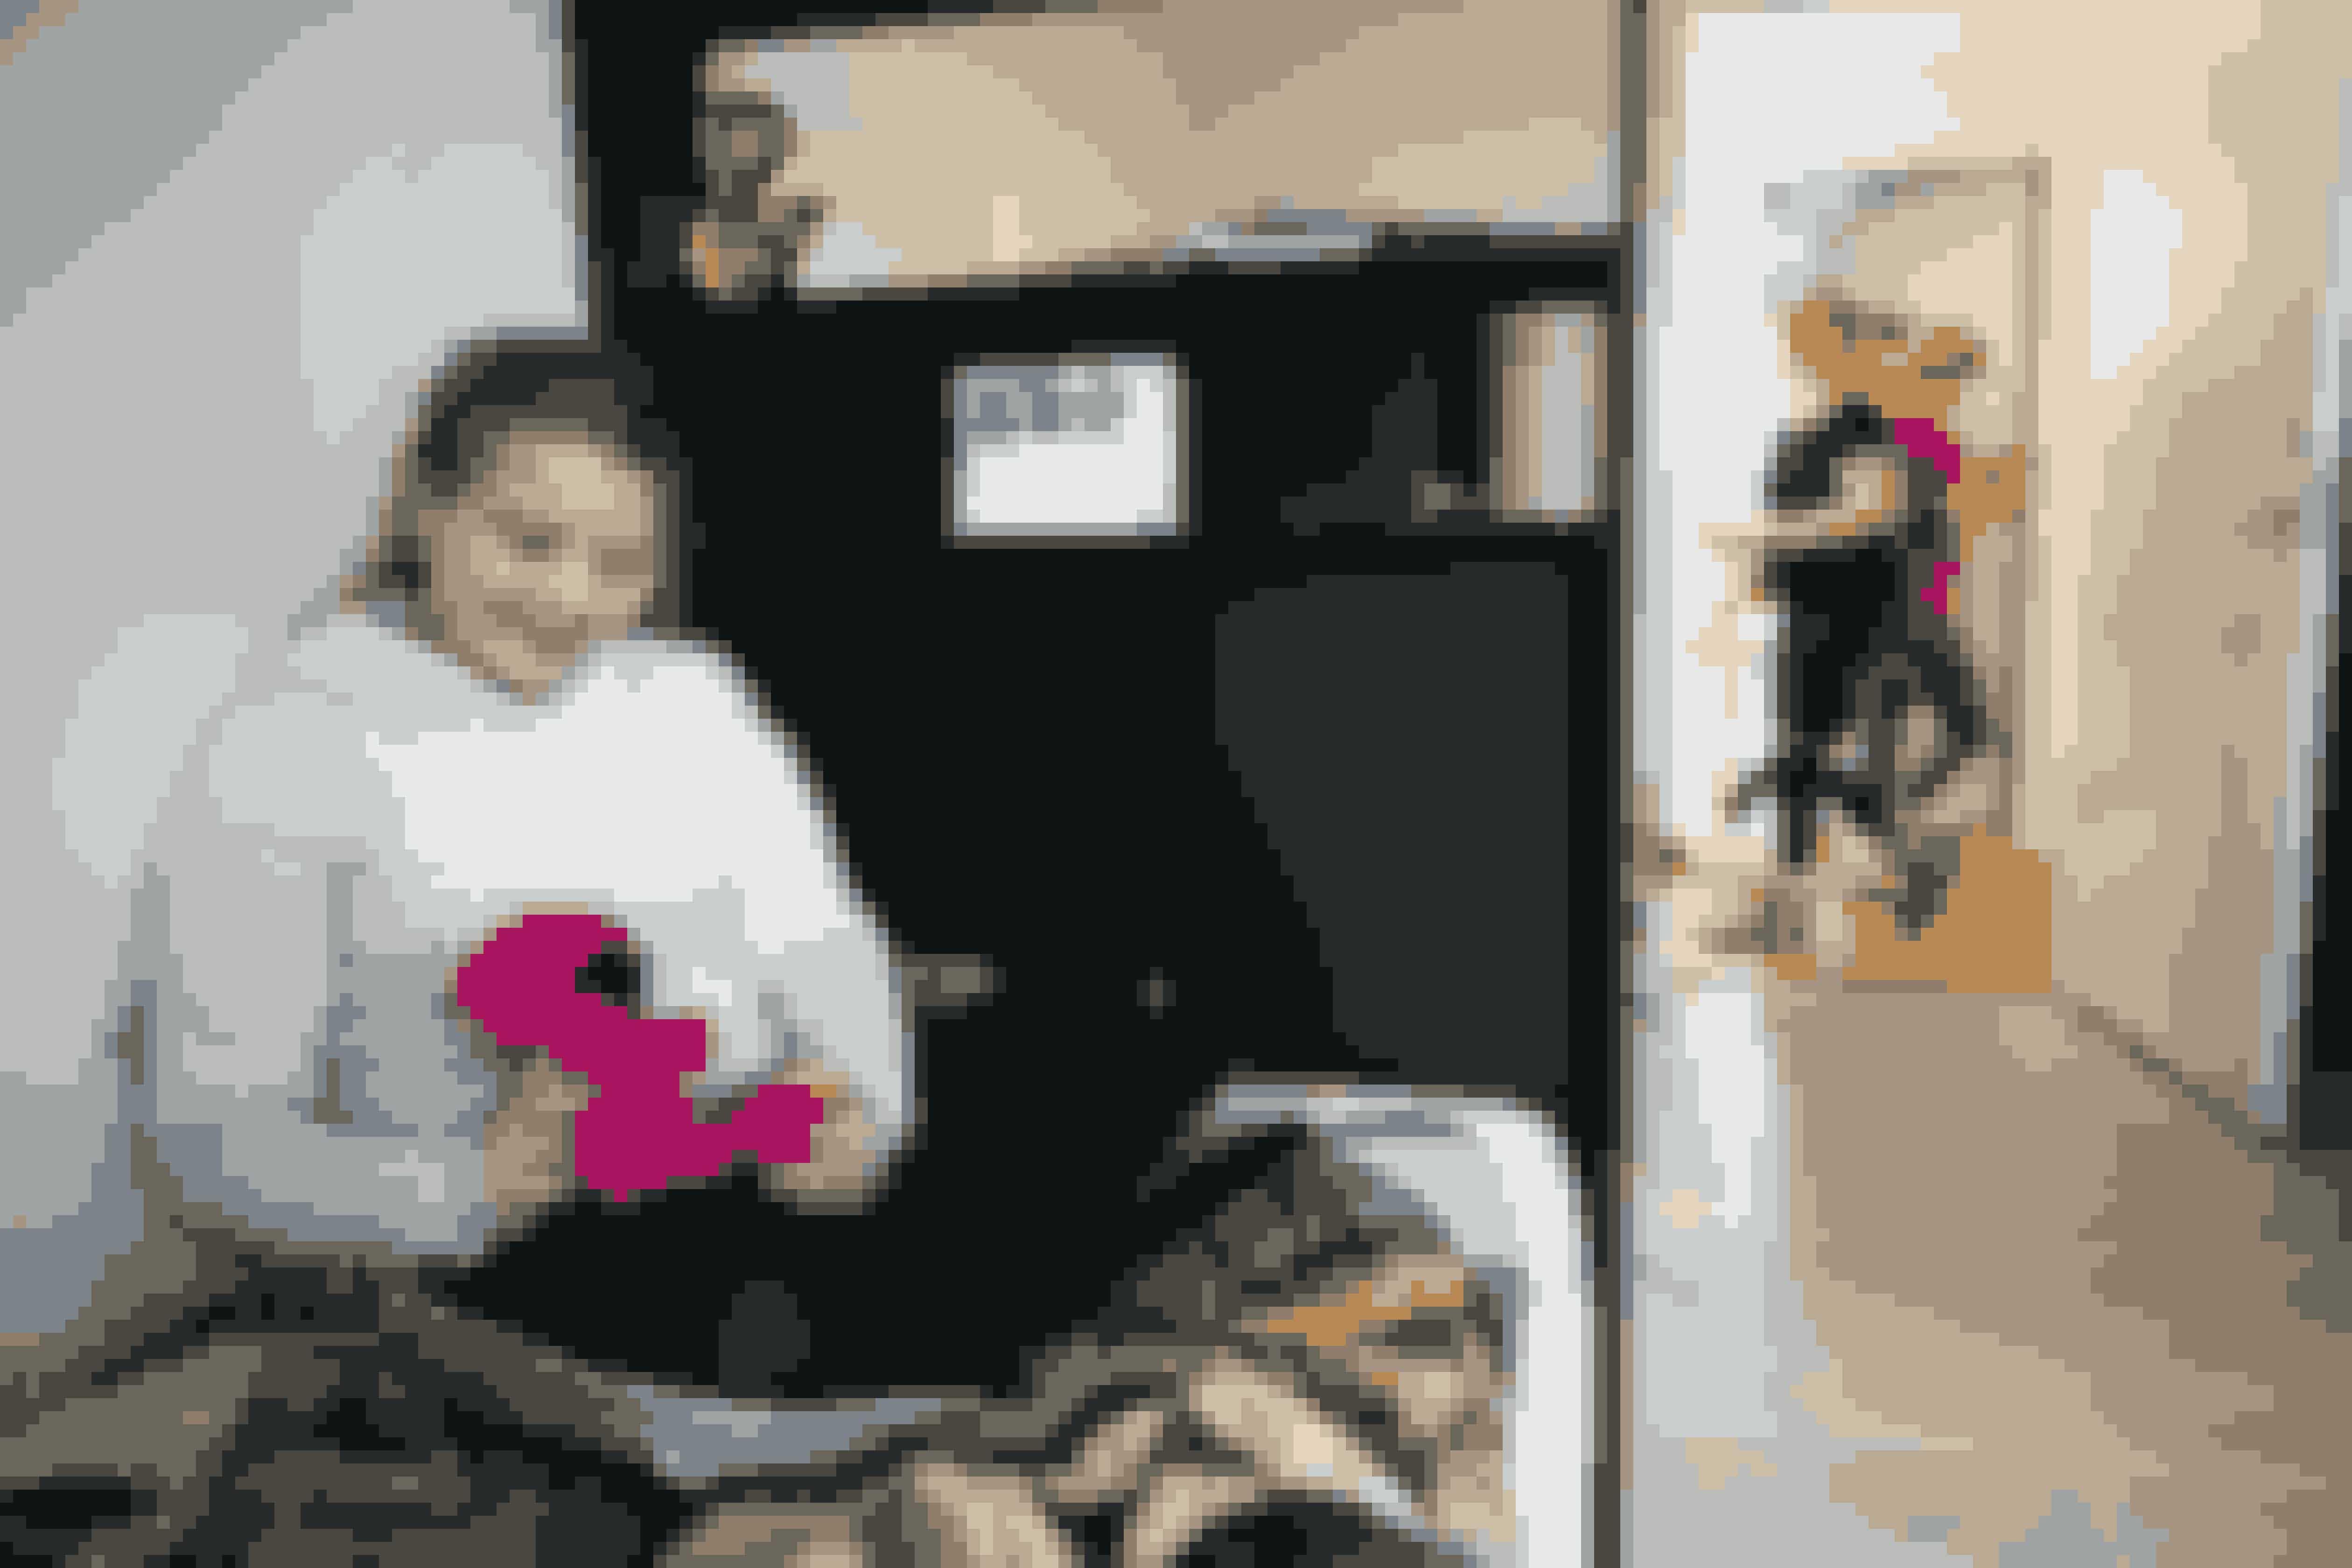 Astrid deler værelse med Carla. Begge piger fik ved deres ankomst til julemærkehjemmet et patchworktæppe og en hæklet bamse.